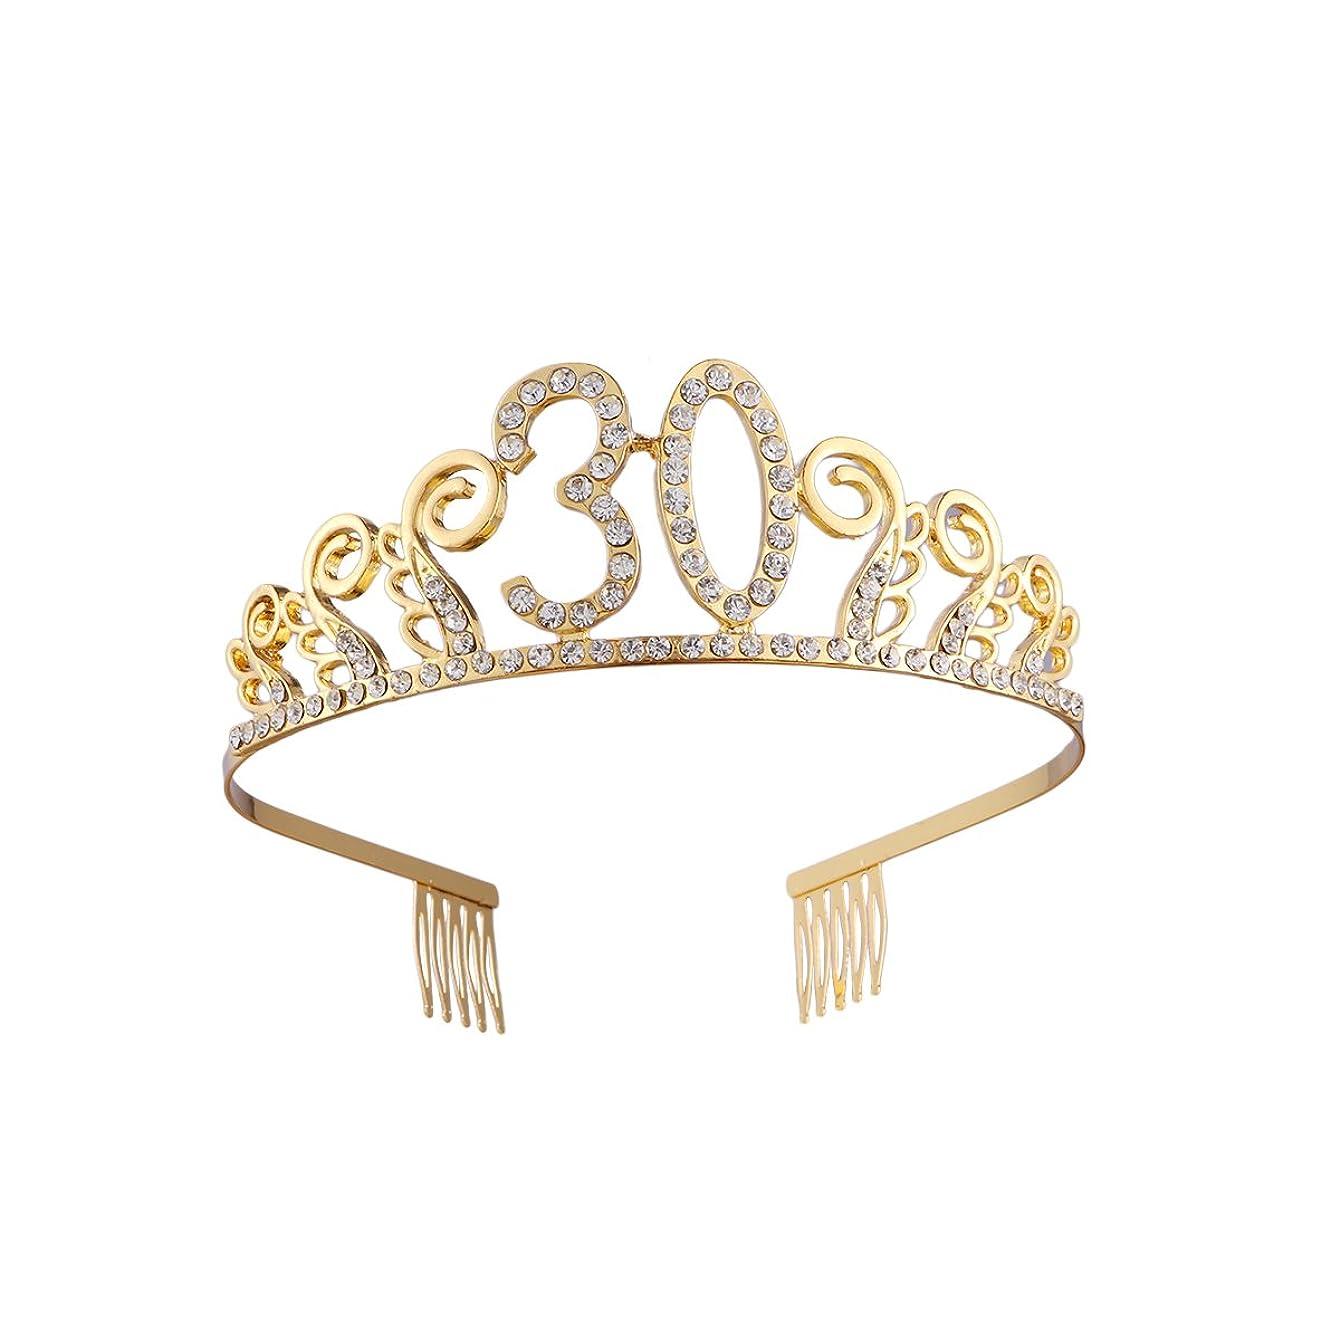 成功する受粉するBeaupretty ゴールドクリスタルラインストーン女性30歳の誕生日ティアラクラウンと髪の櫛30th結婚記念日の贈り物